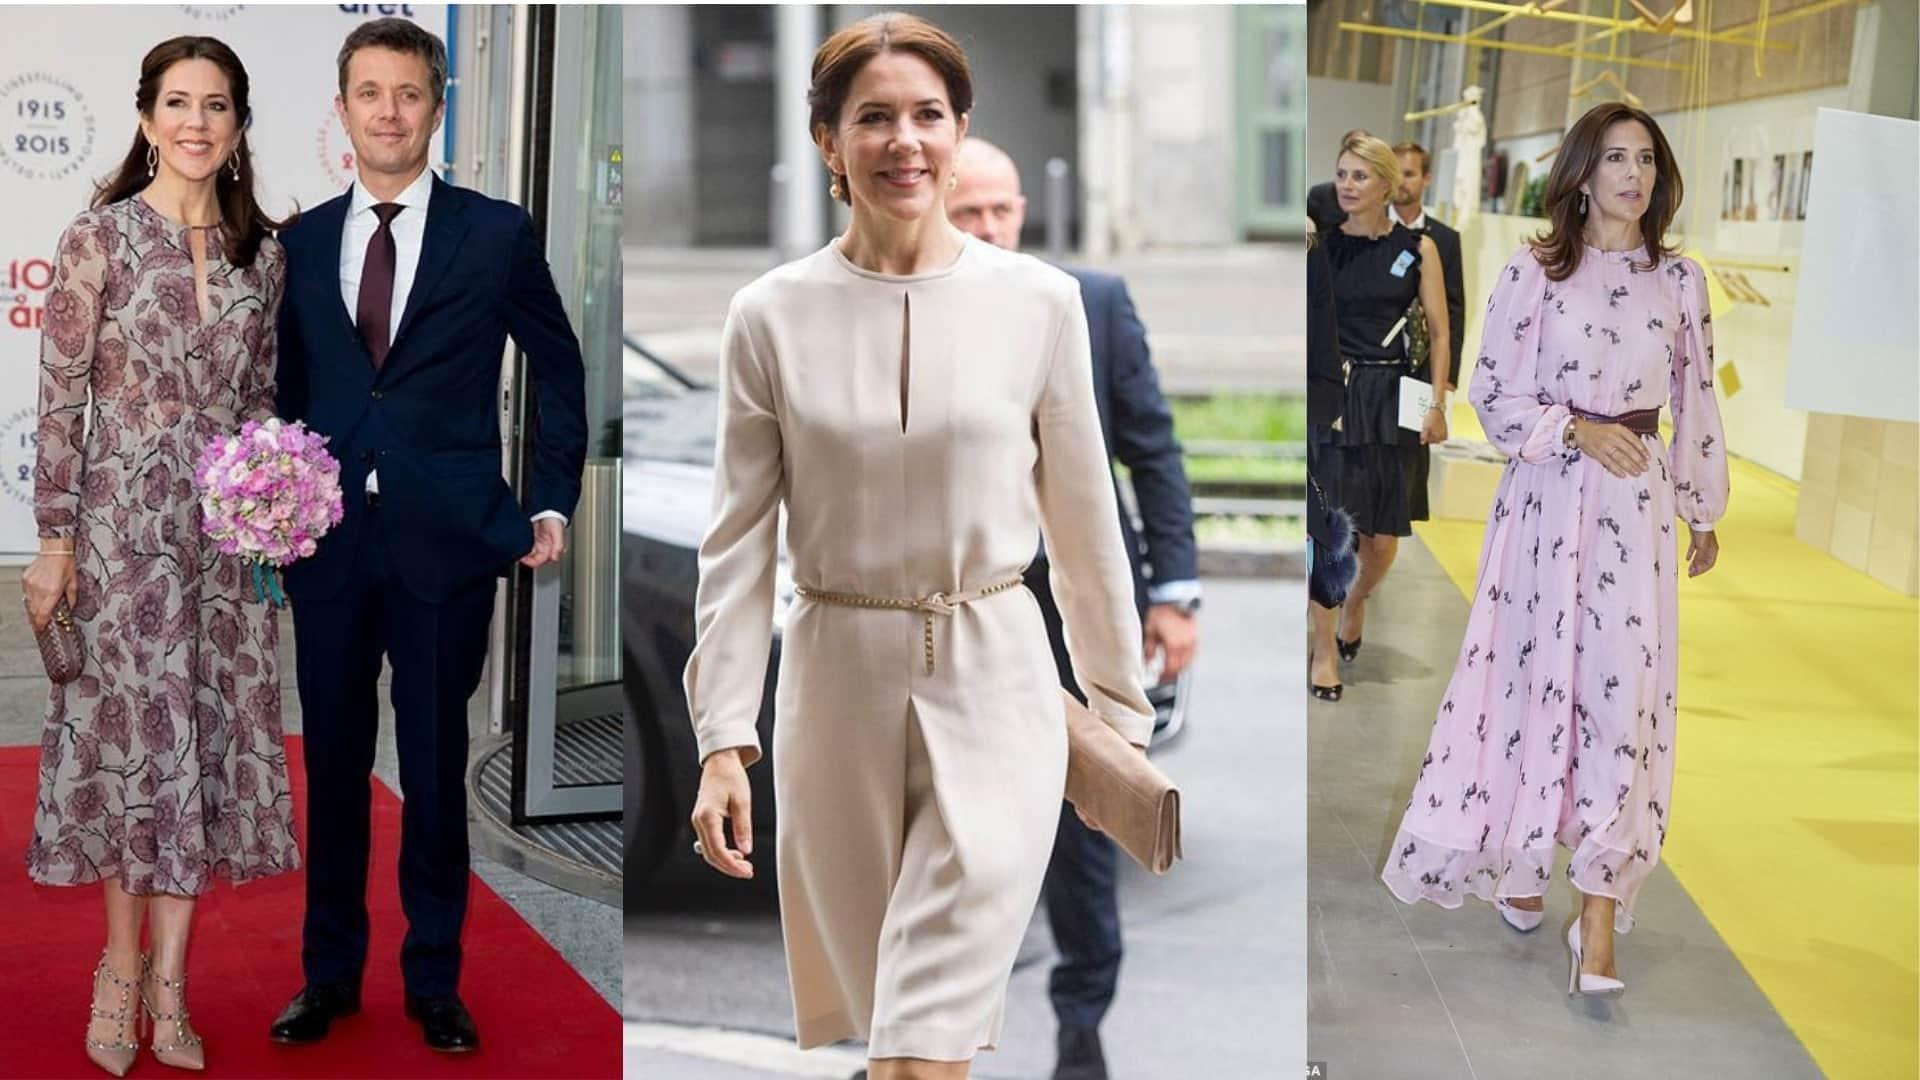 Gọi tên những biểu tượng thời trang Hoàng gia thế giới, có người mặc đẹp lấn át Công nương Kate - 6